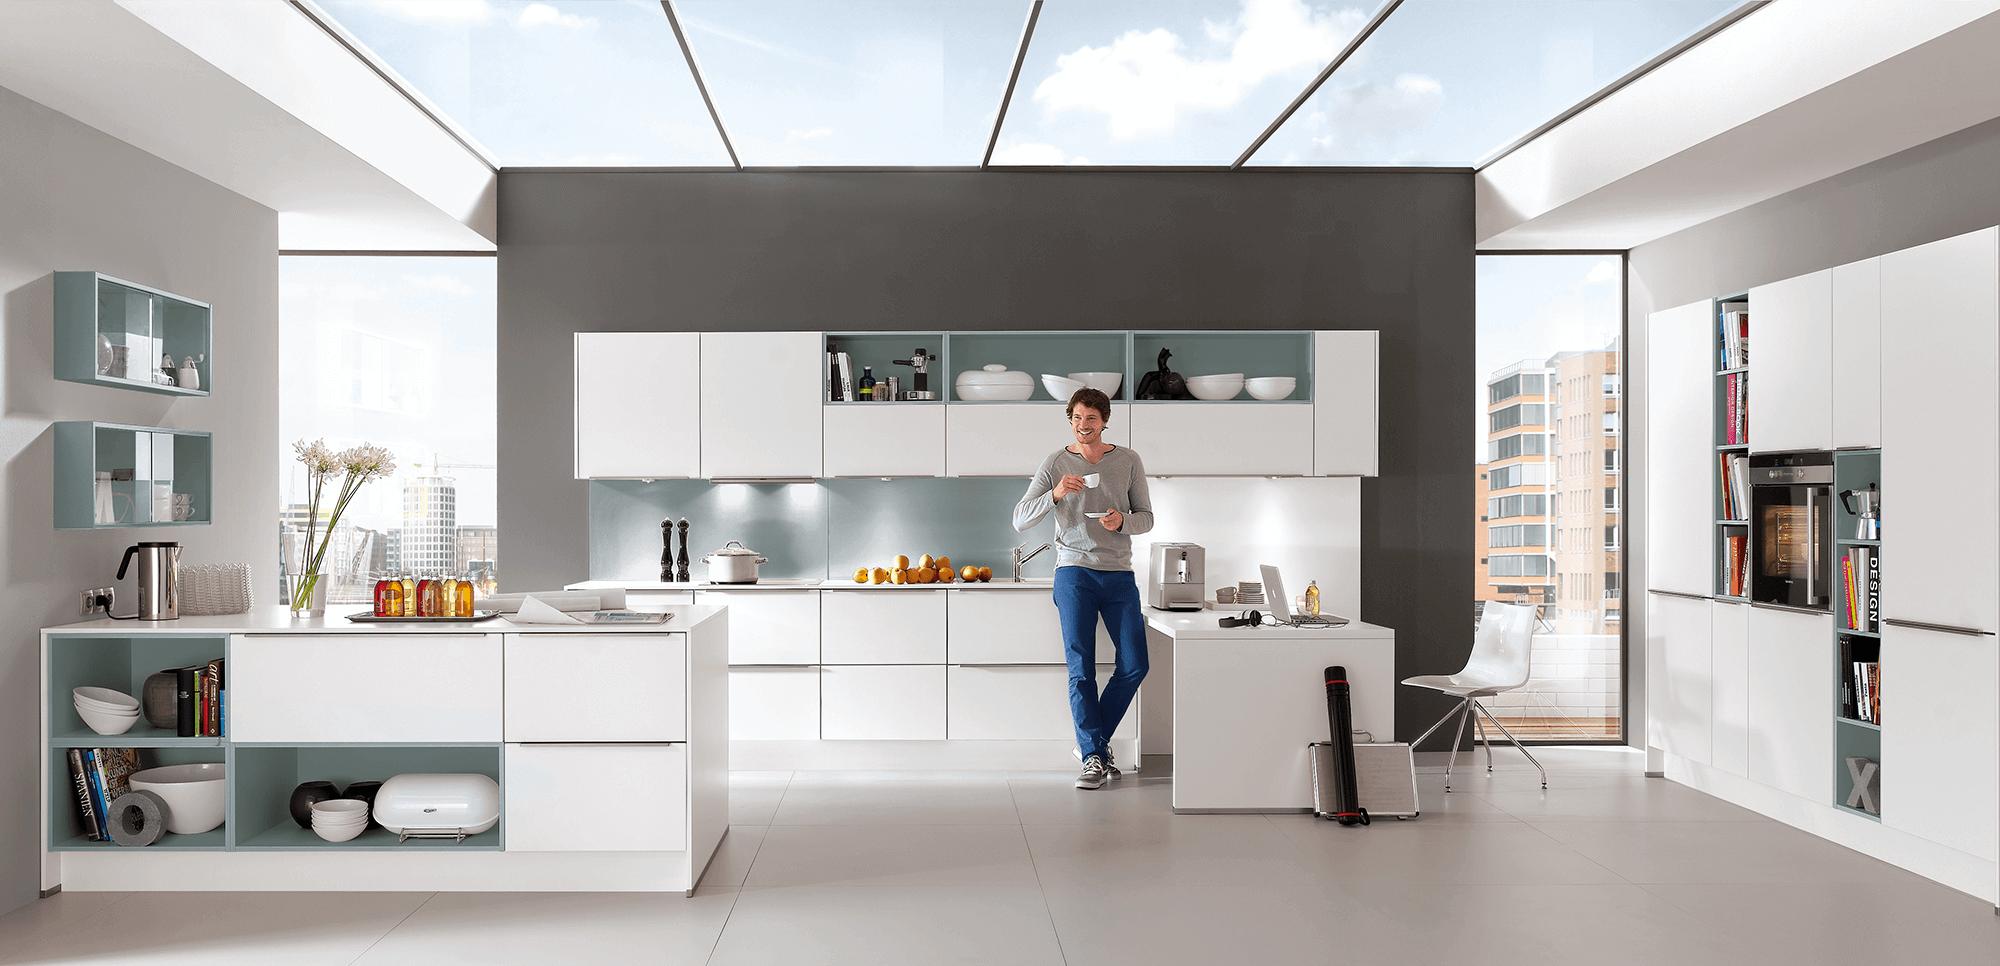 k chen spezialist kingersheim k chen spezialist. Black Bedroom Furniture Sets. Home Design Ideas